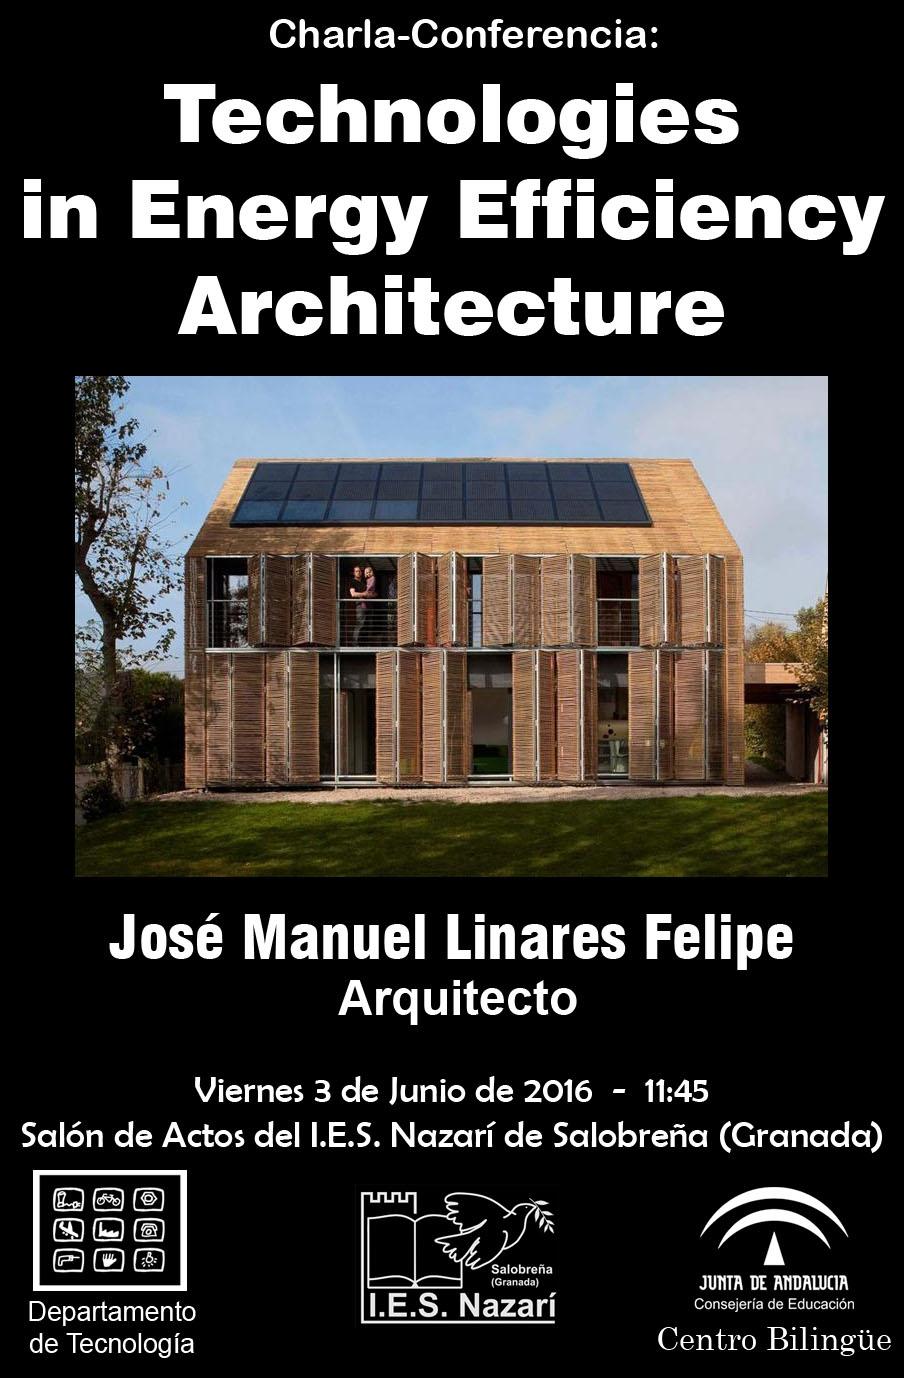 Charla de Jose Manuel Linares en el Nazarí